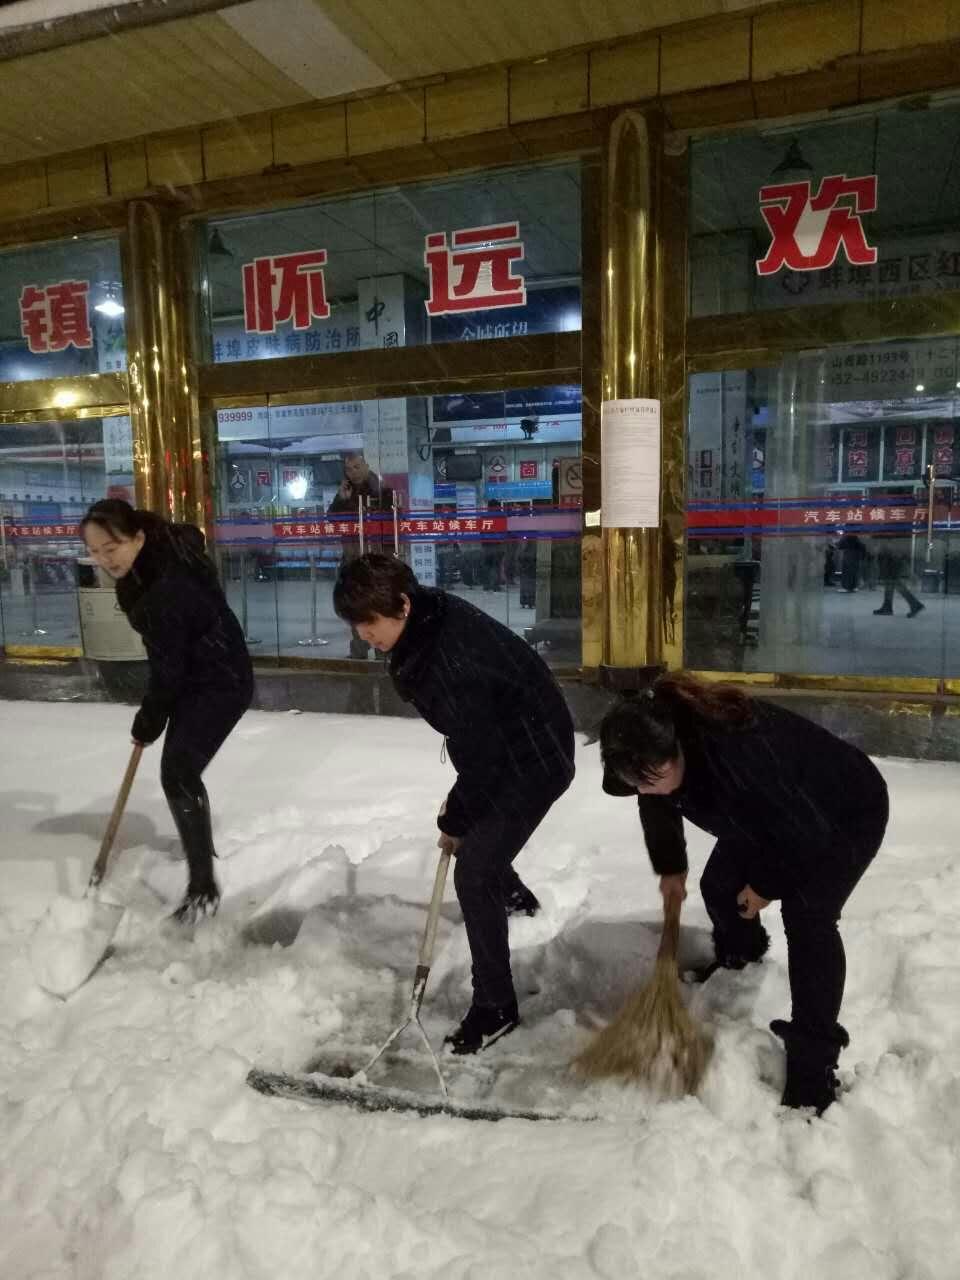 汽�\song)盼 �U僮�� 旁鼻嗄旰�E�x��呱sao)雪(xue)�P冰